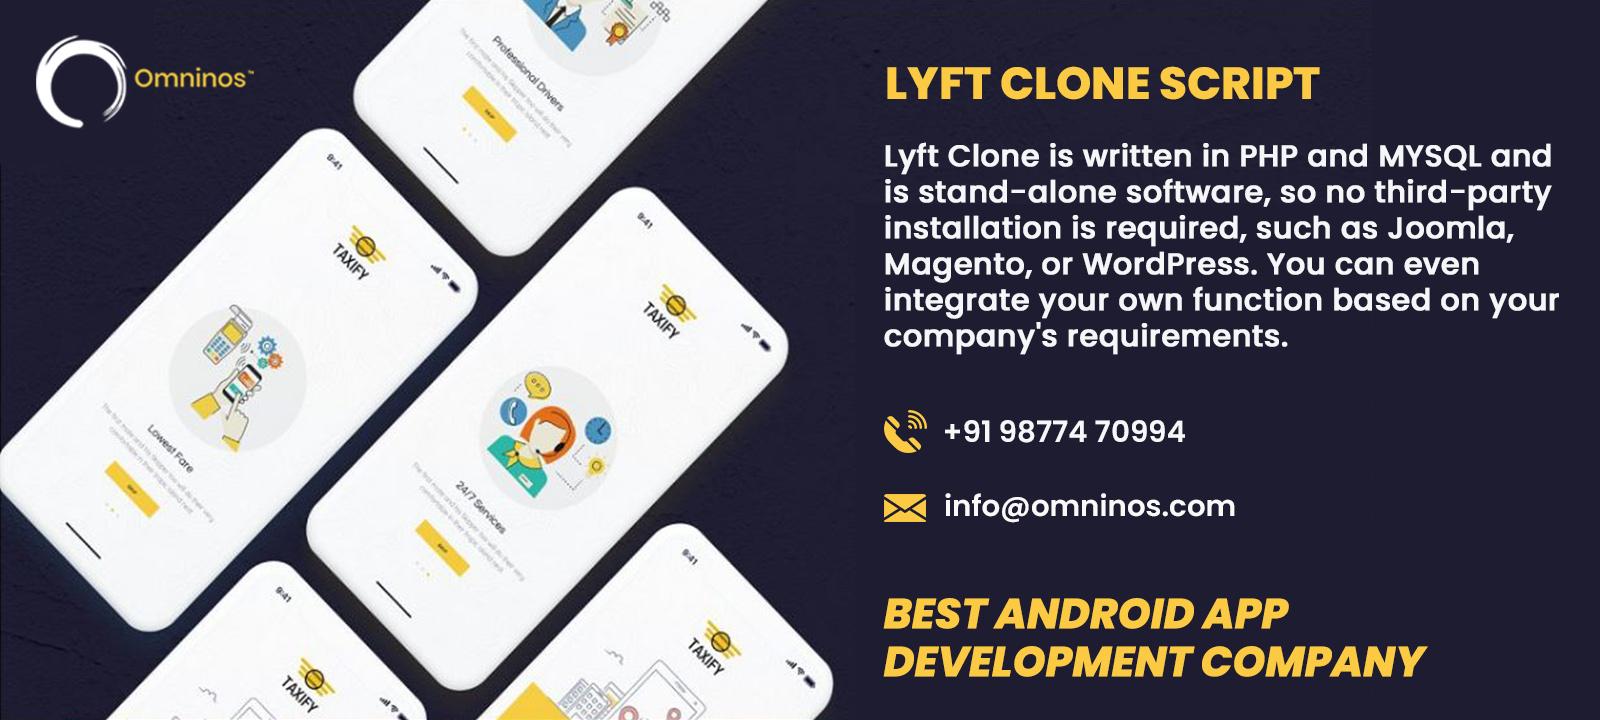 LYFT CLONE SCRIPT